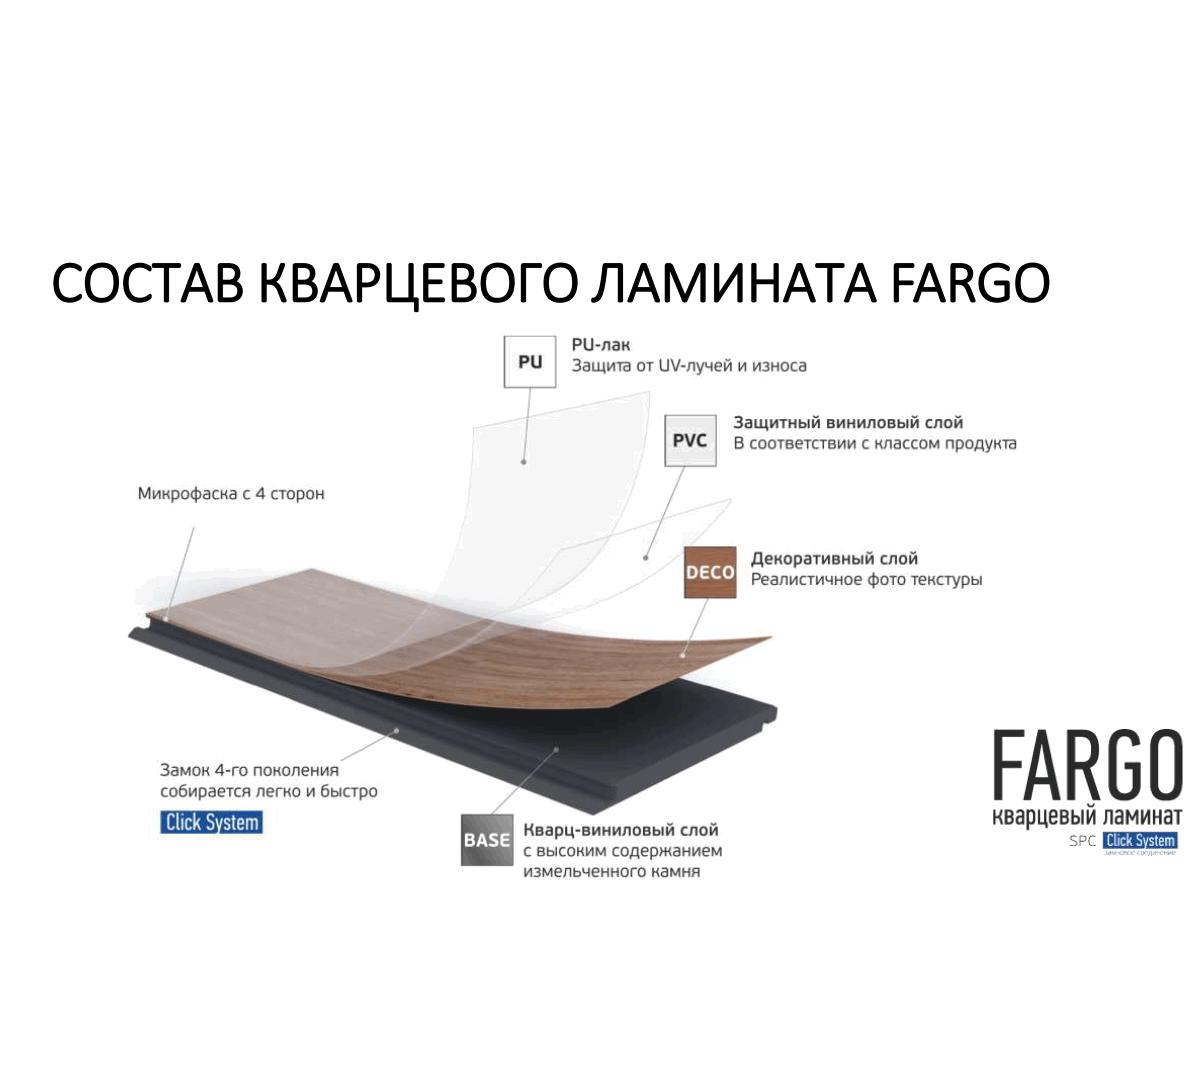 """Кварцевый ламинат SPC Fargo Comfort XXL DL1601 """"Дуб Снежный"""" (1520*227*4 мм) 6шт/2,07м2"""